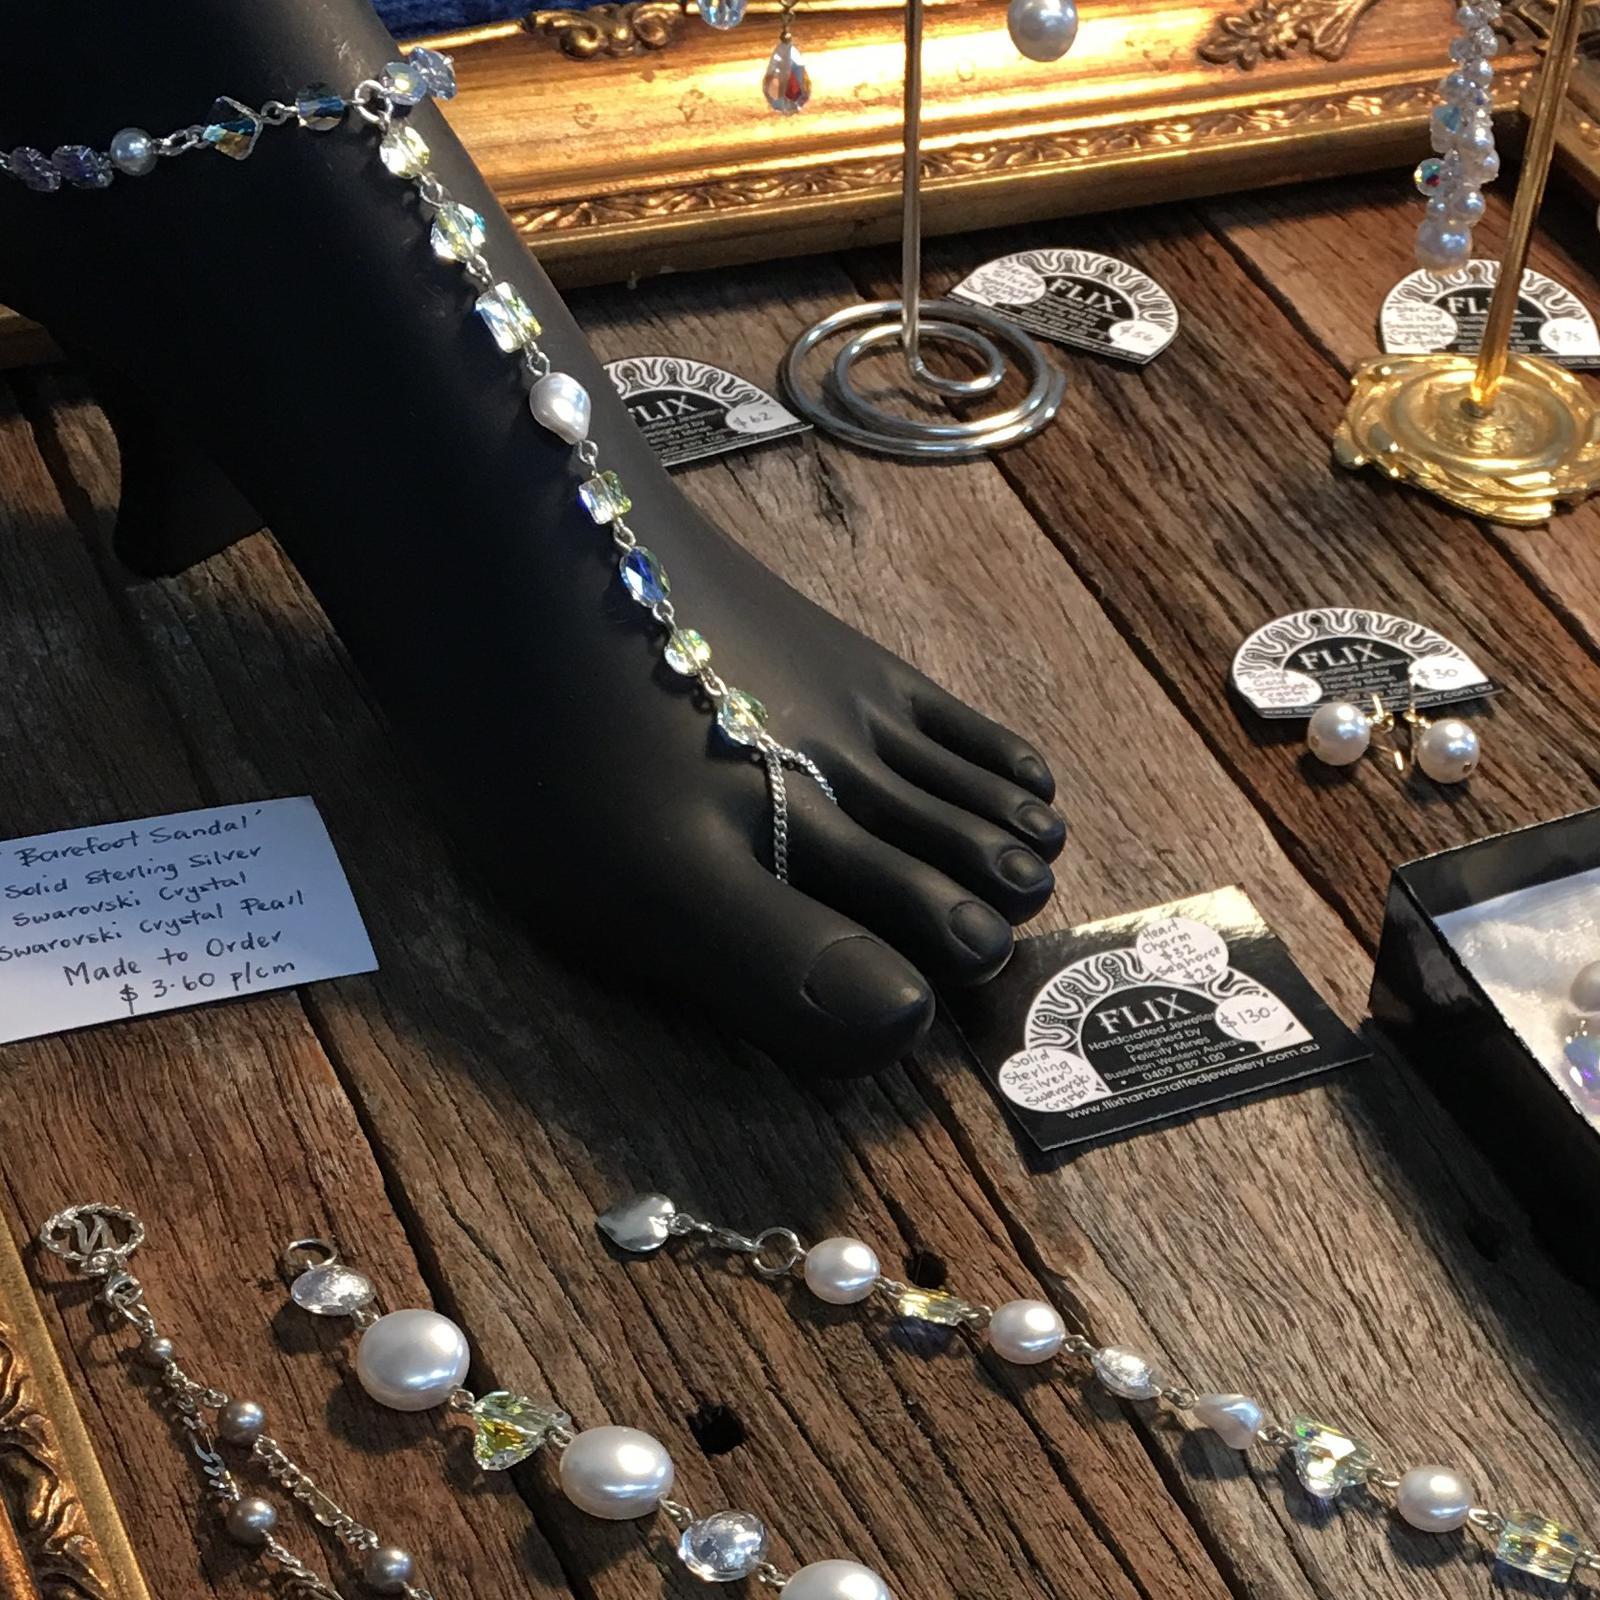 Flix Handcrafted Jewellery display